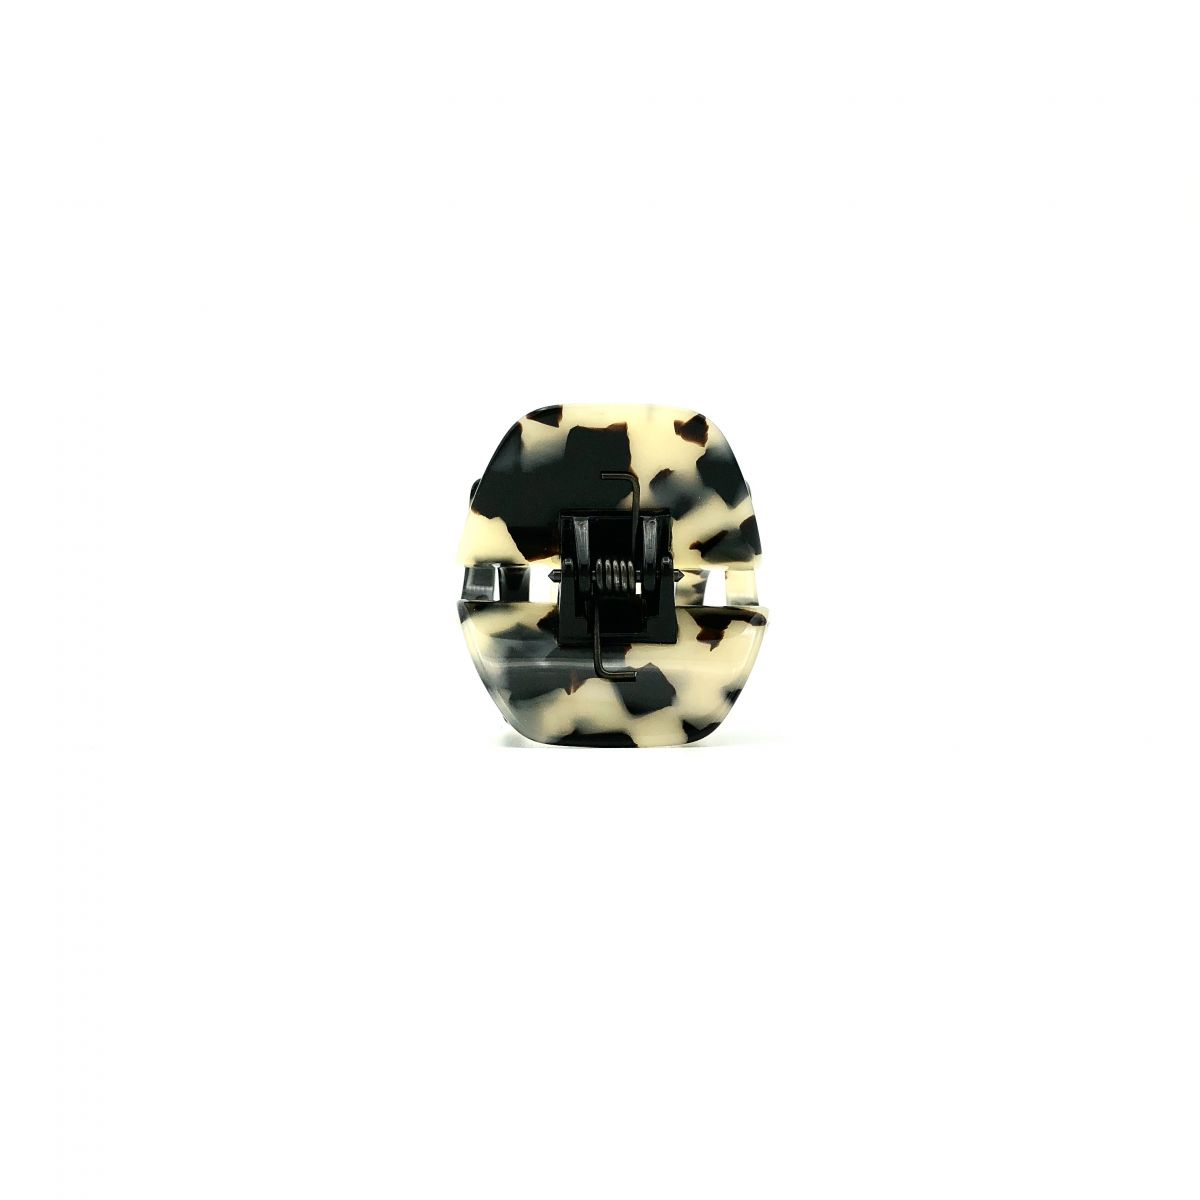 Haarklammer schwarz/beige - kurz, mittel - 4 cm